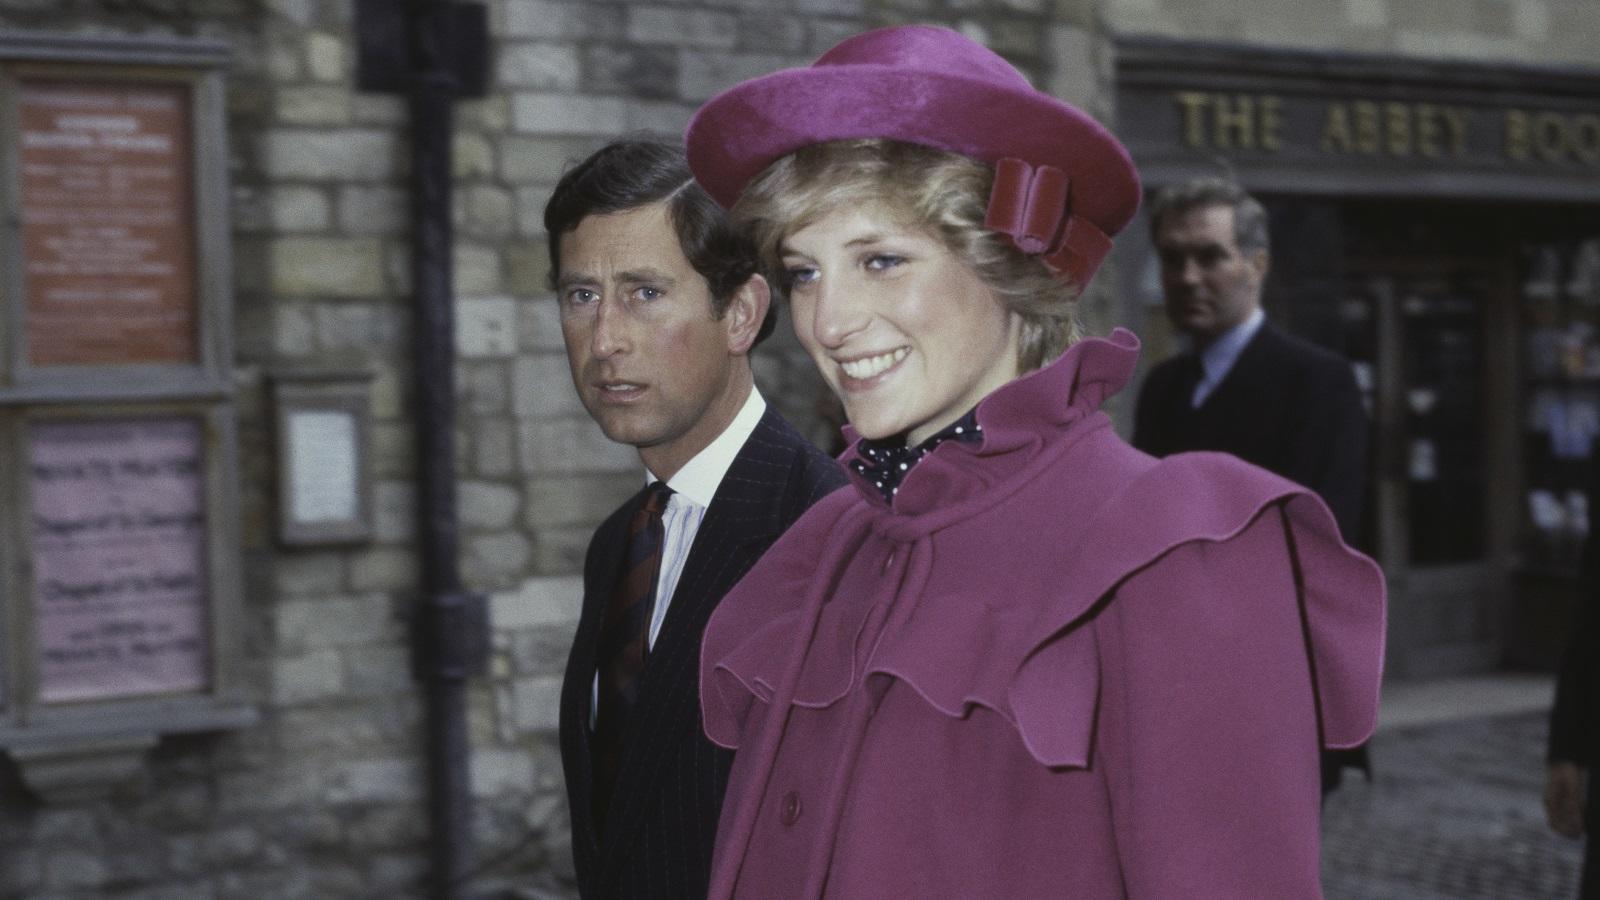 Az ő stílusa, melyet világszerte követtek a nők, különösen azért izgalmas, mert a legtöbb hírességgel ellentétben szinte teljes mértékben ő döntötte el, hogy mikor, hová és mit vesz fel, és miben jelenik meg a nyilvánosság előtt. A 80-as években kevés nagyobb divatpéldakép volt nála, és még évekkel a halála után is őt tartják az elegáns brit nő prototípusának. (Getty Images)